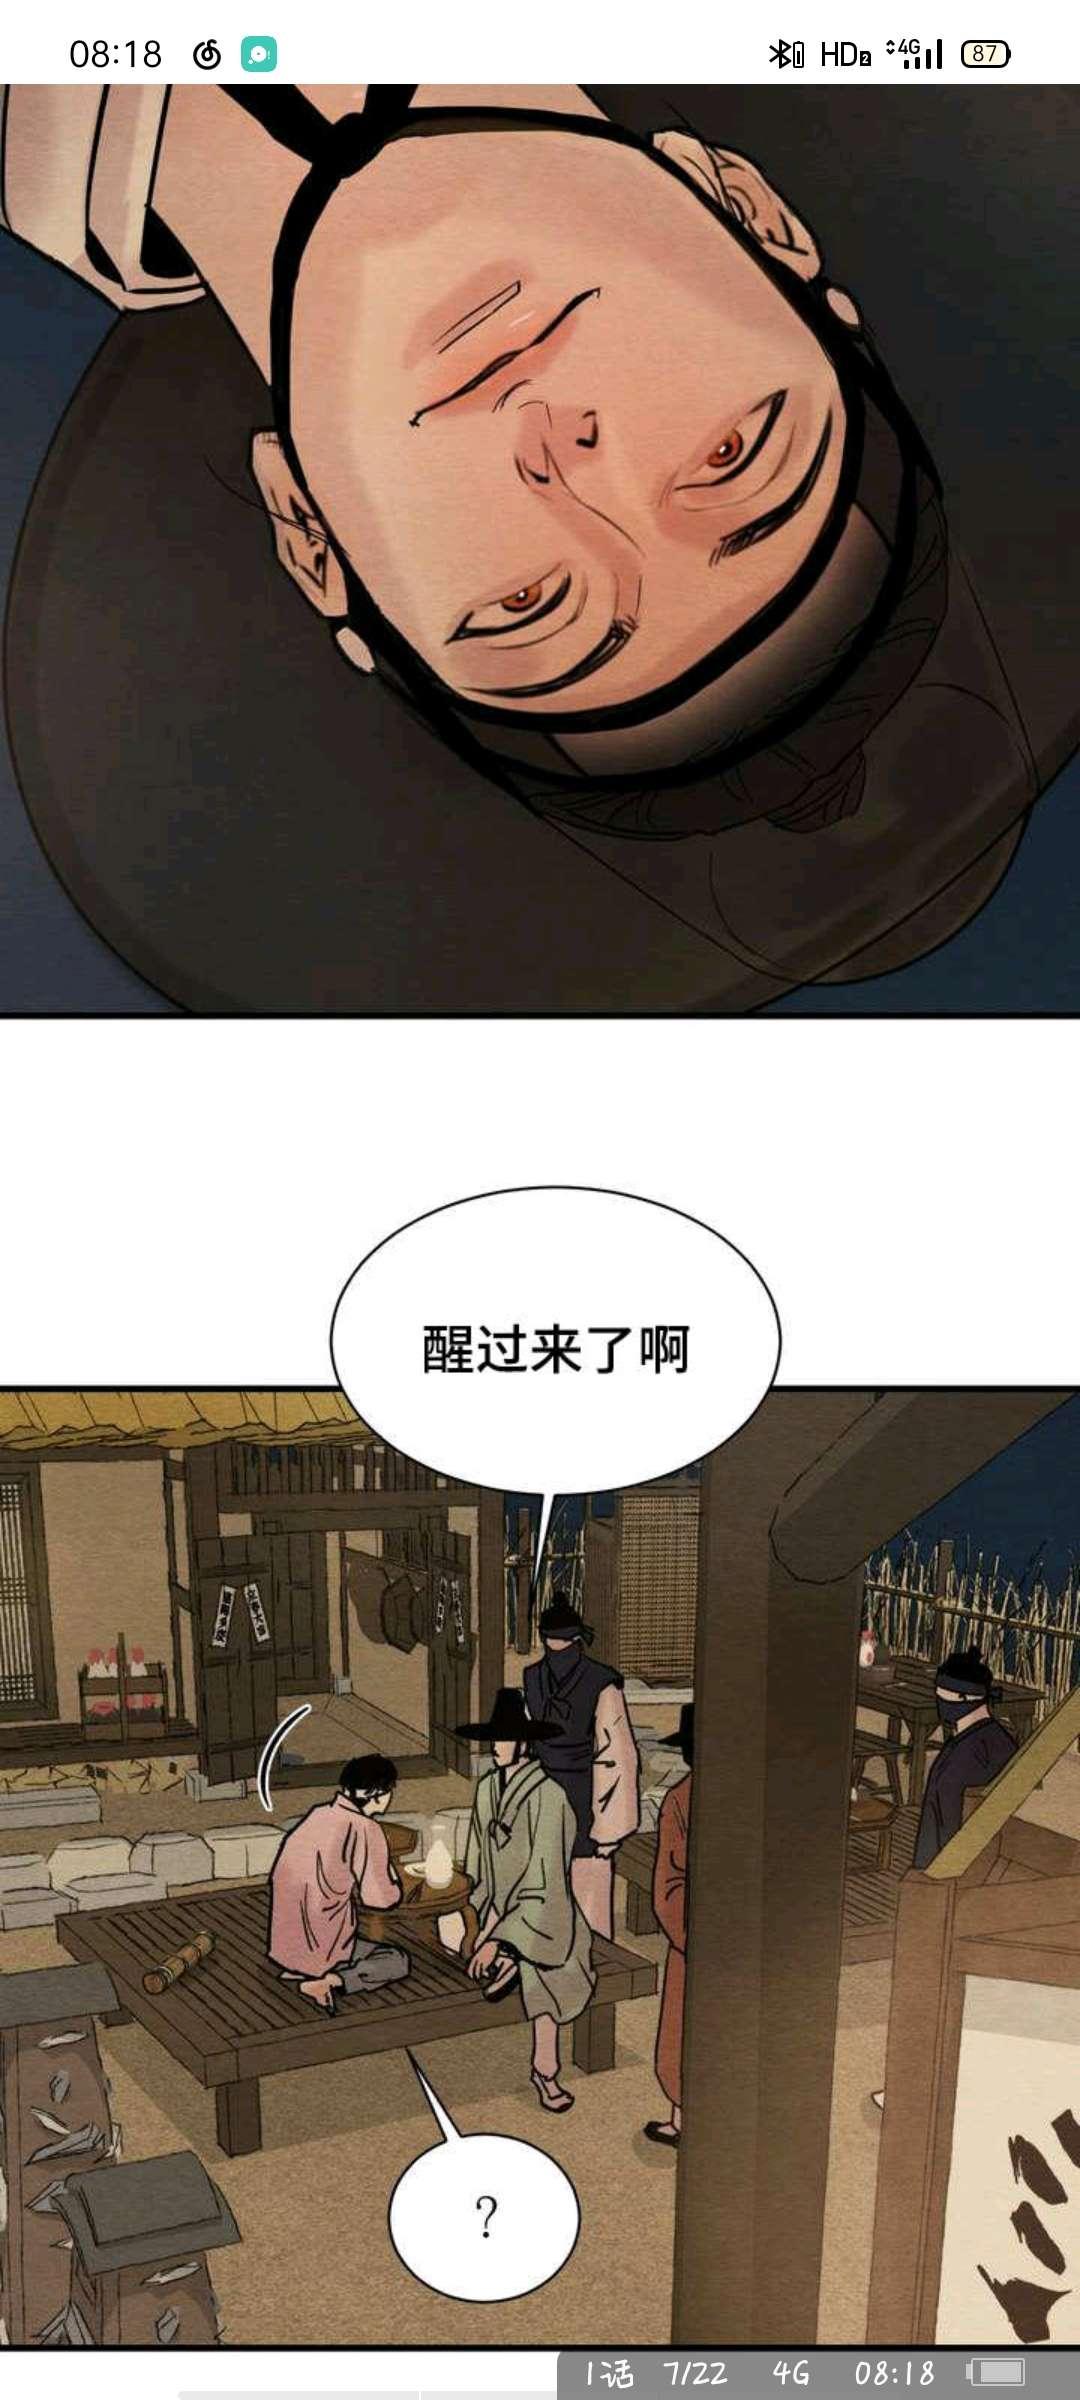 【漫画】夜画,经典日本动漫